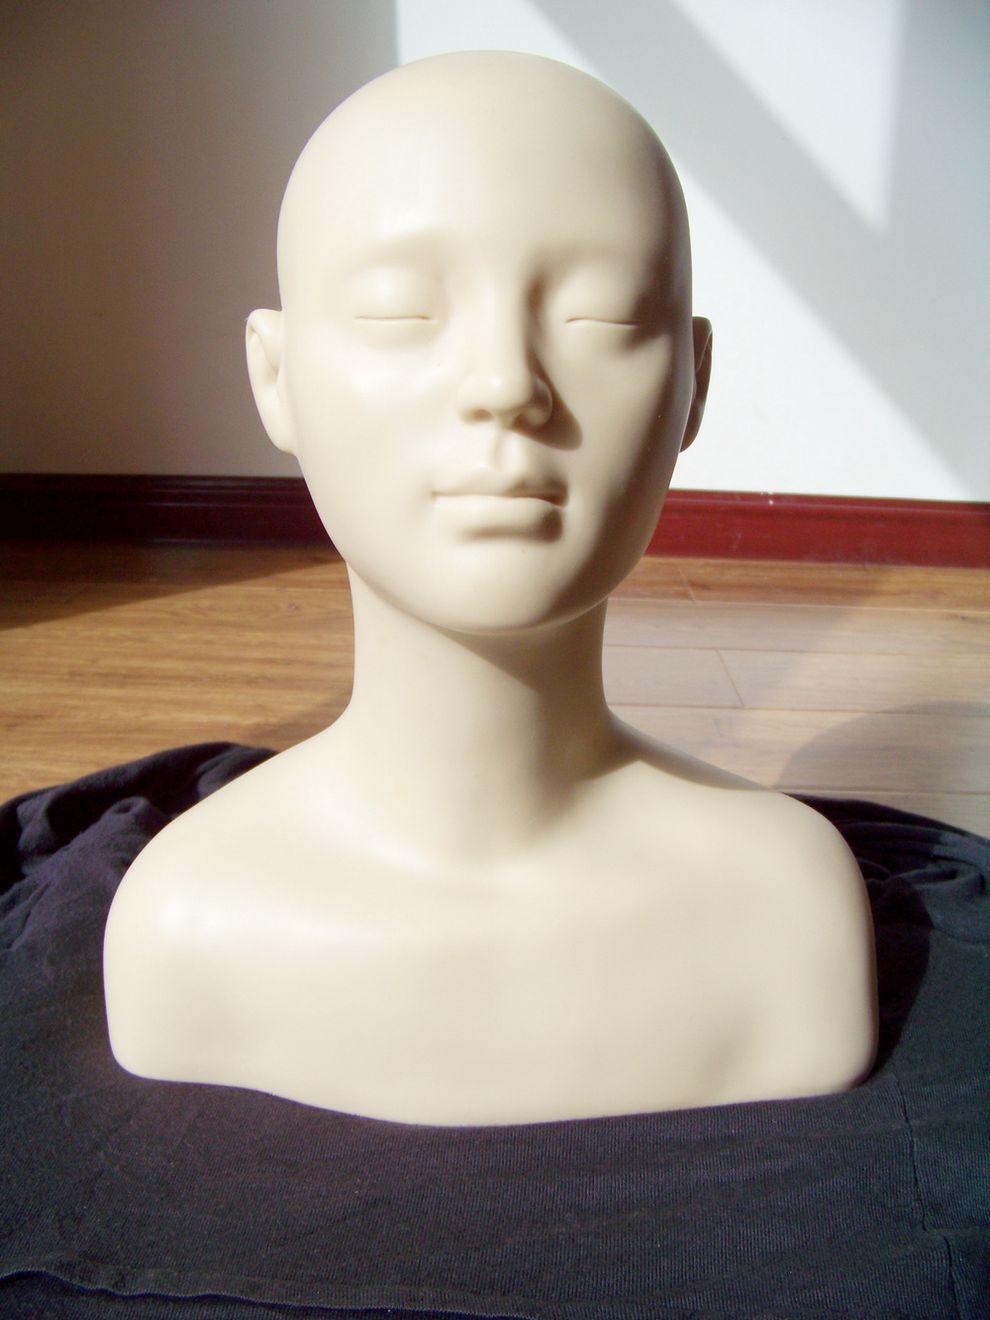 NOUVEAU arrivent Femmes De Massage doux balsamTraining Mannequin Tête Pratique Maquillage des Cils Eye Lashes Extensions